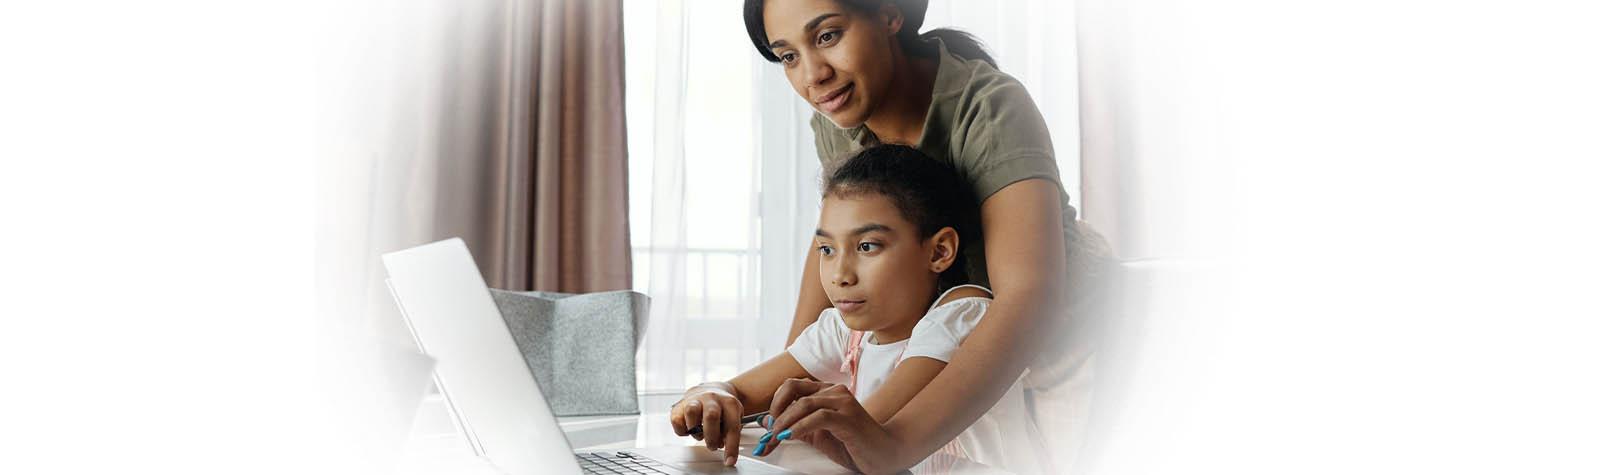 Wat kun je kinderen leren over wachtwoorden?